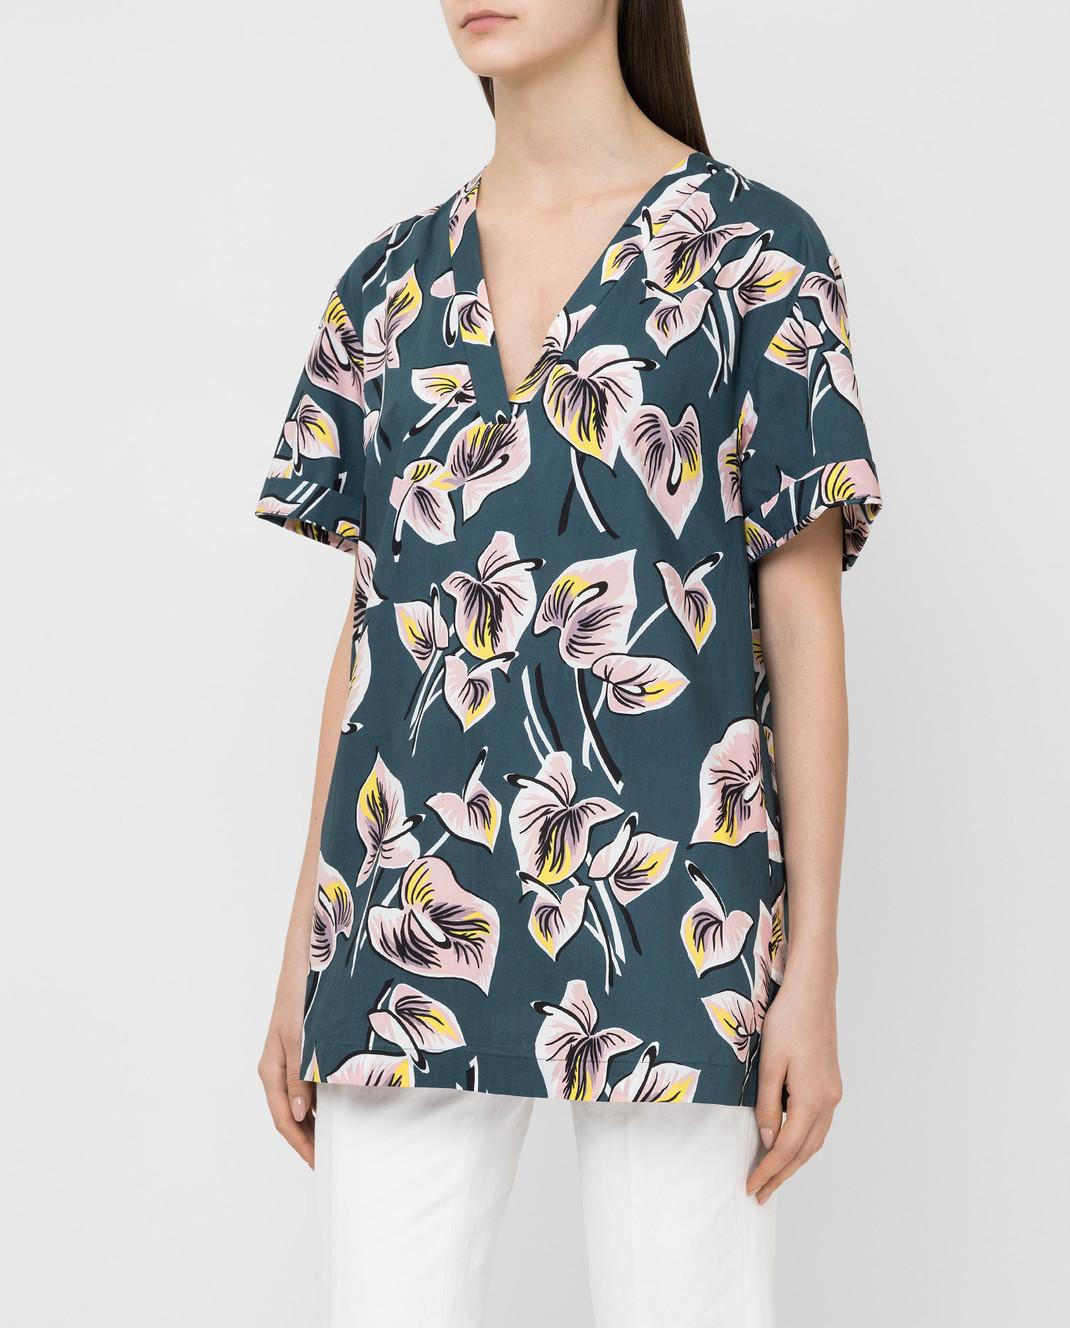 Marni Темно-бирюзовая рубашка CAMAT40A00TCT37 изображение 3